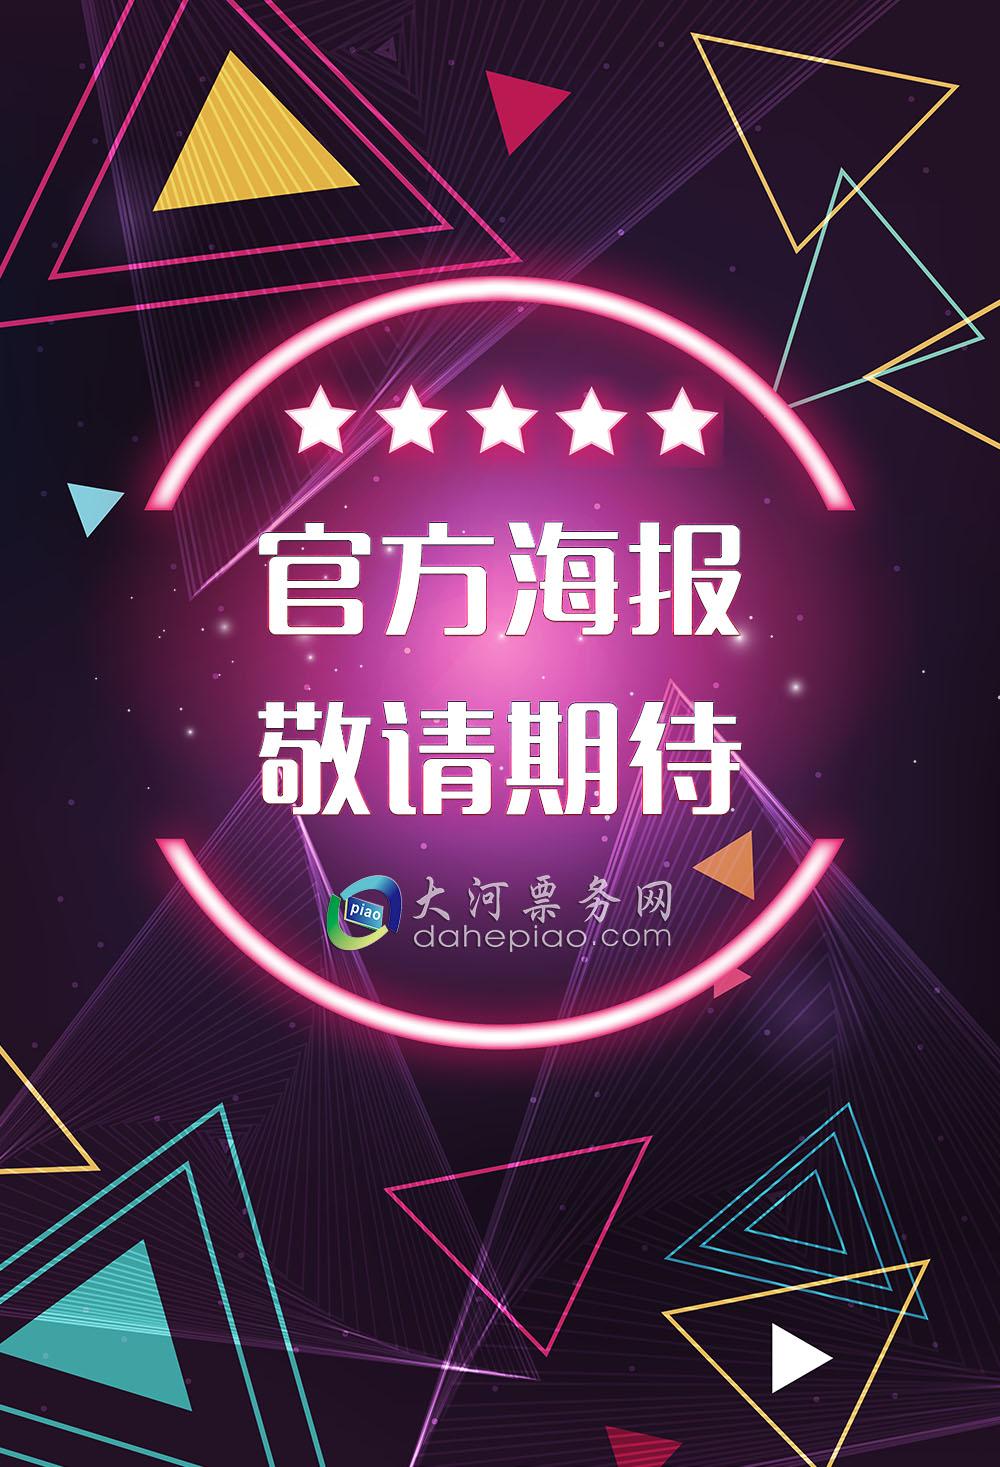 吴亦凡长沙演唱会